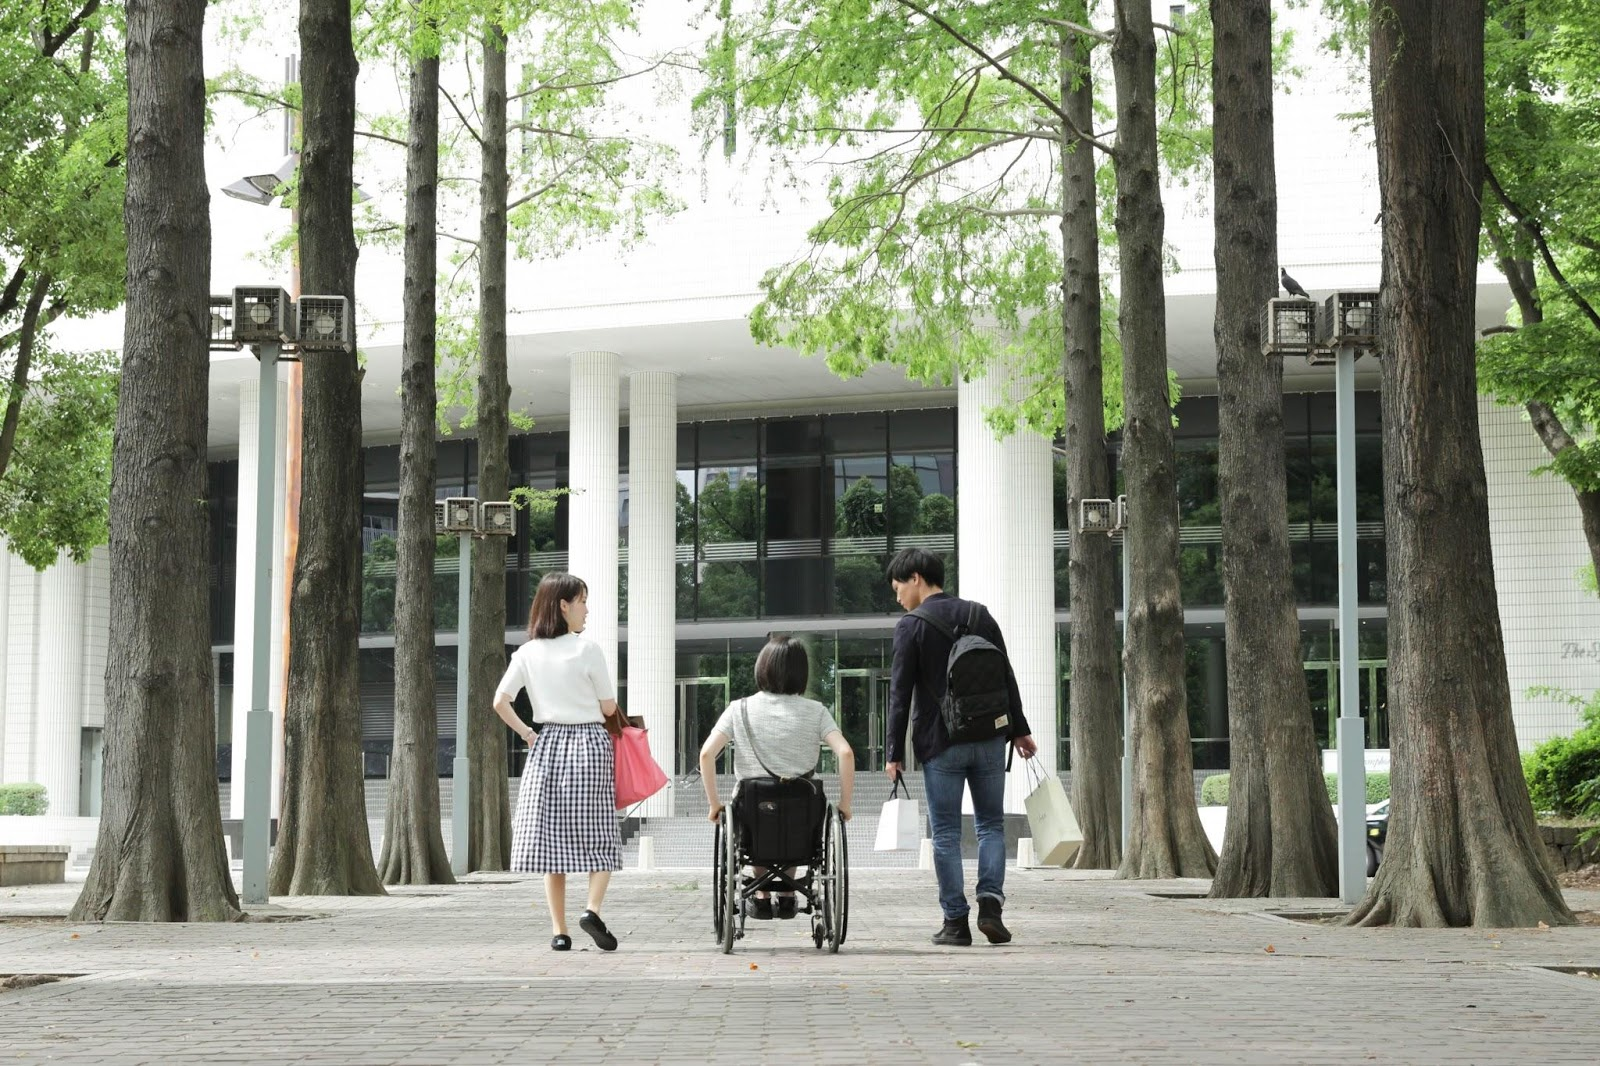 車椅子ユーザーと障害のない人が一緒に歩く様子